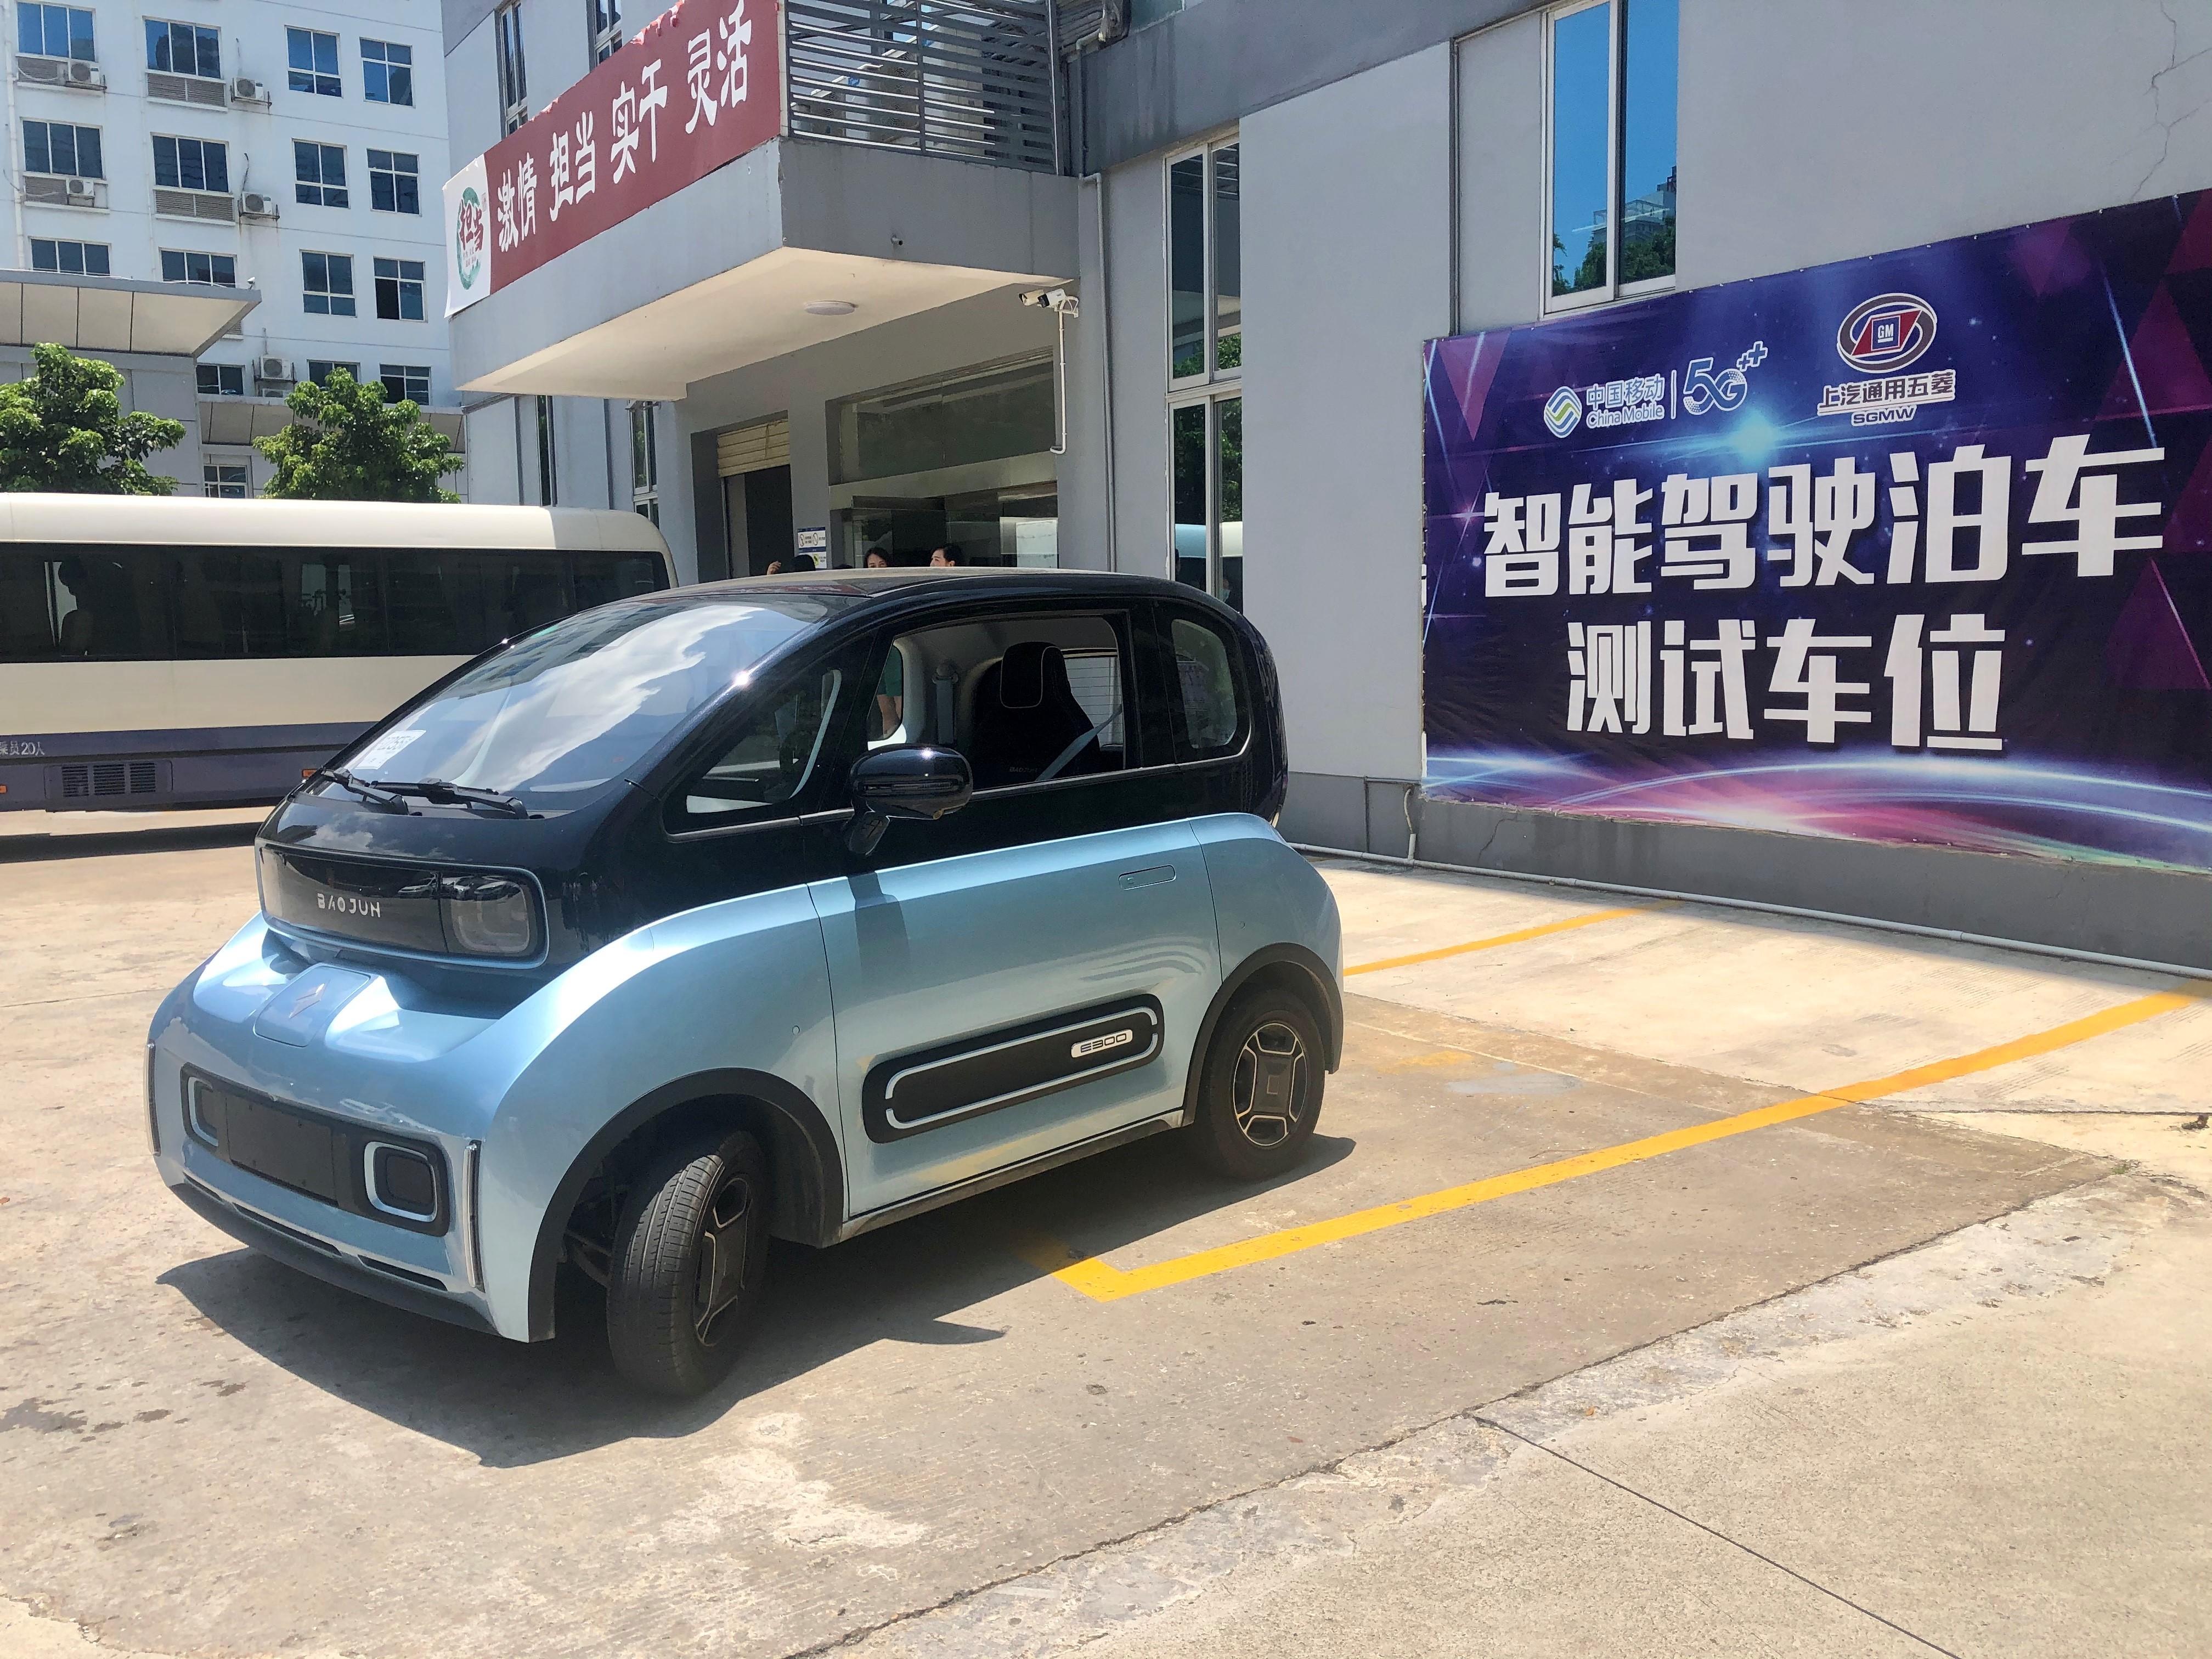 """图为5G+遥控泊车项目,通过5G网络,无人驾驶的汽车也能轻松完成""""泊入""""""""泊出""""车位。李勤虹 摄"""